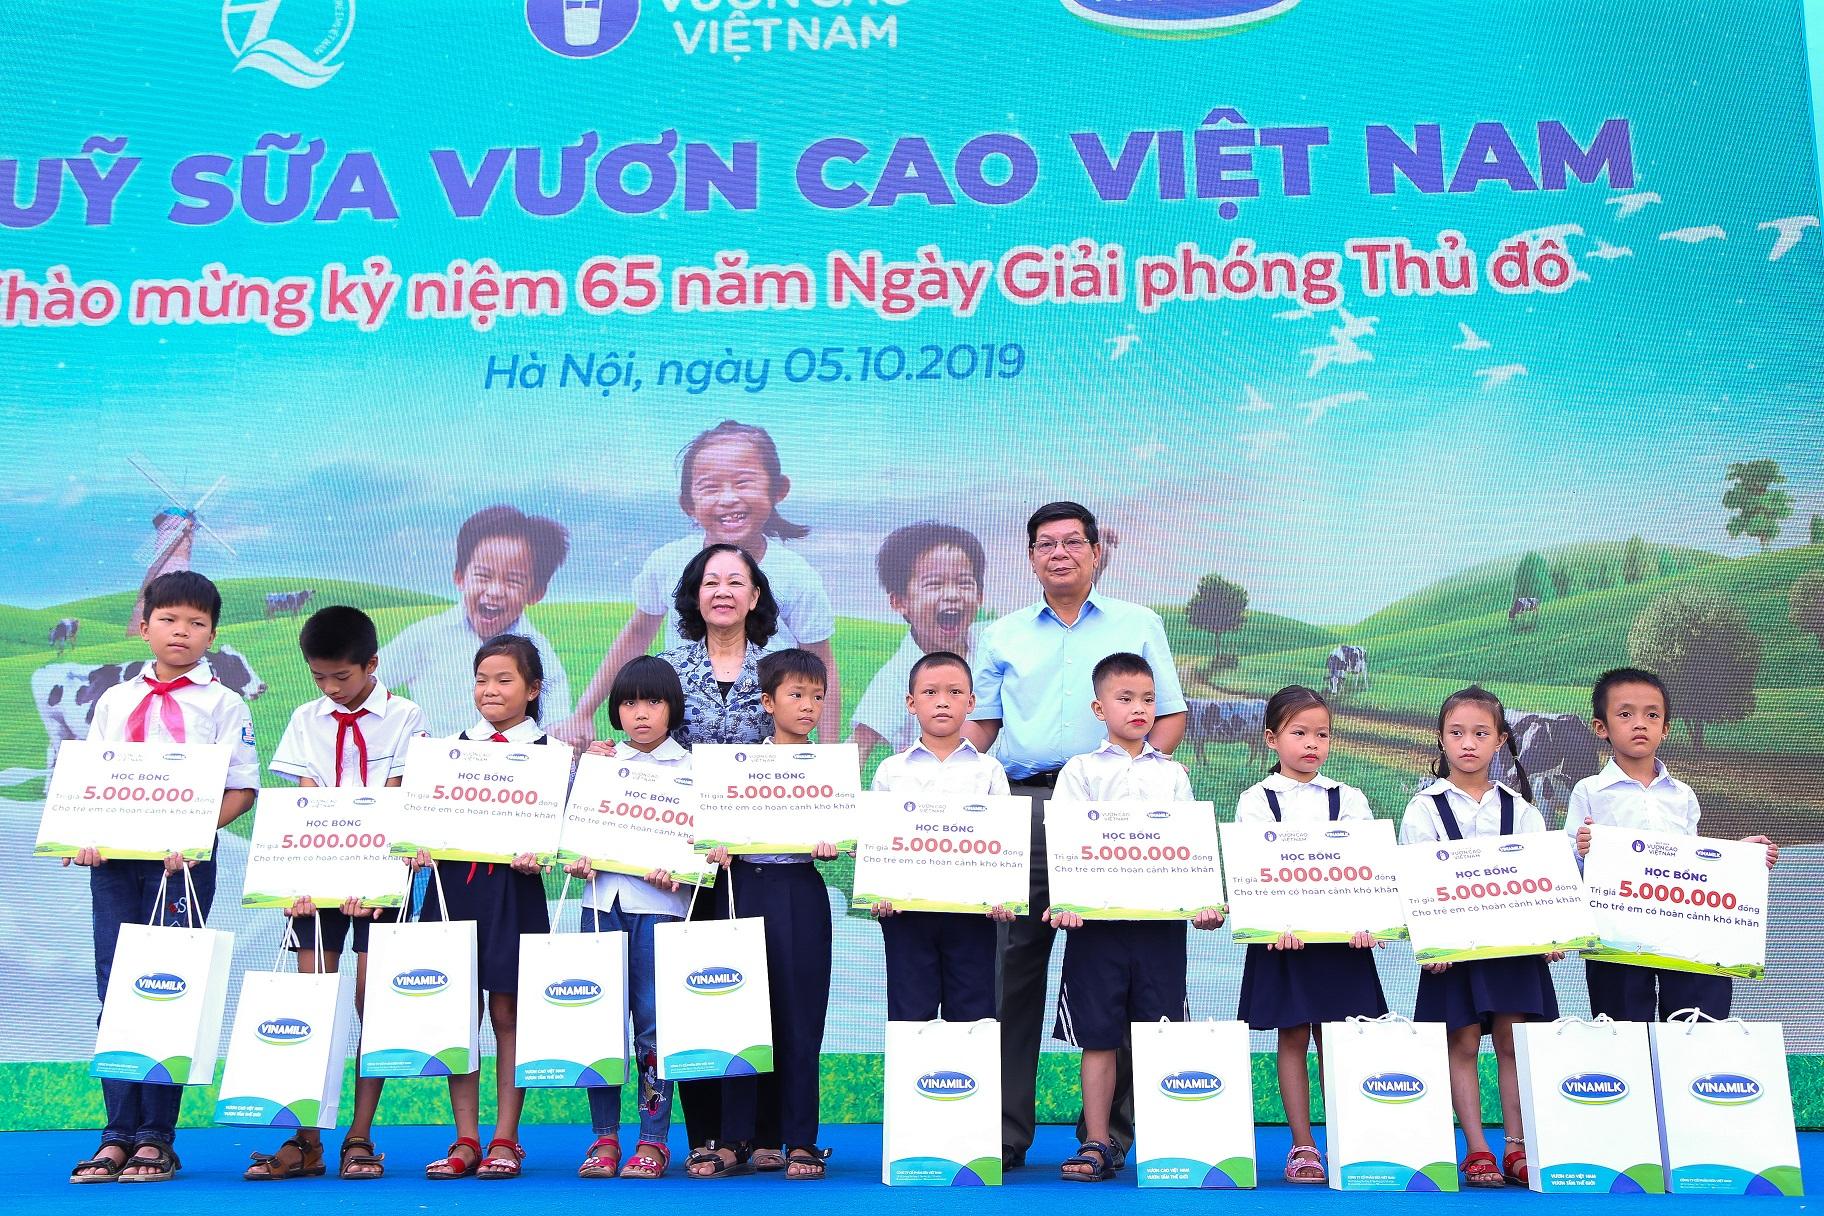 Trưởng Ban Dân vận Trung ương Trương Thị Mai trao học bổng và sữa của Quỹ sữa Vươn Cao Việt Nam cho các em học sinh khó khăn có thành tích học tập tốt của trường Tiểu học Tiên Dược B.